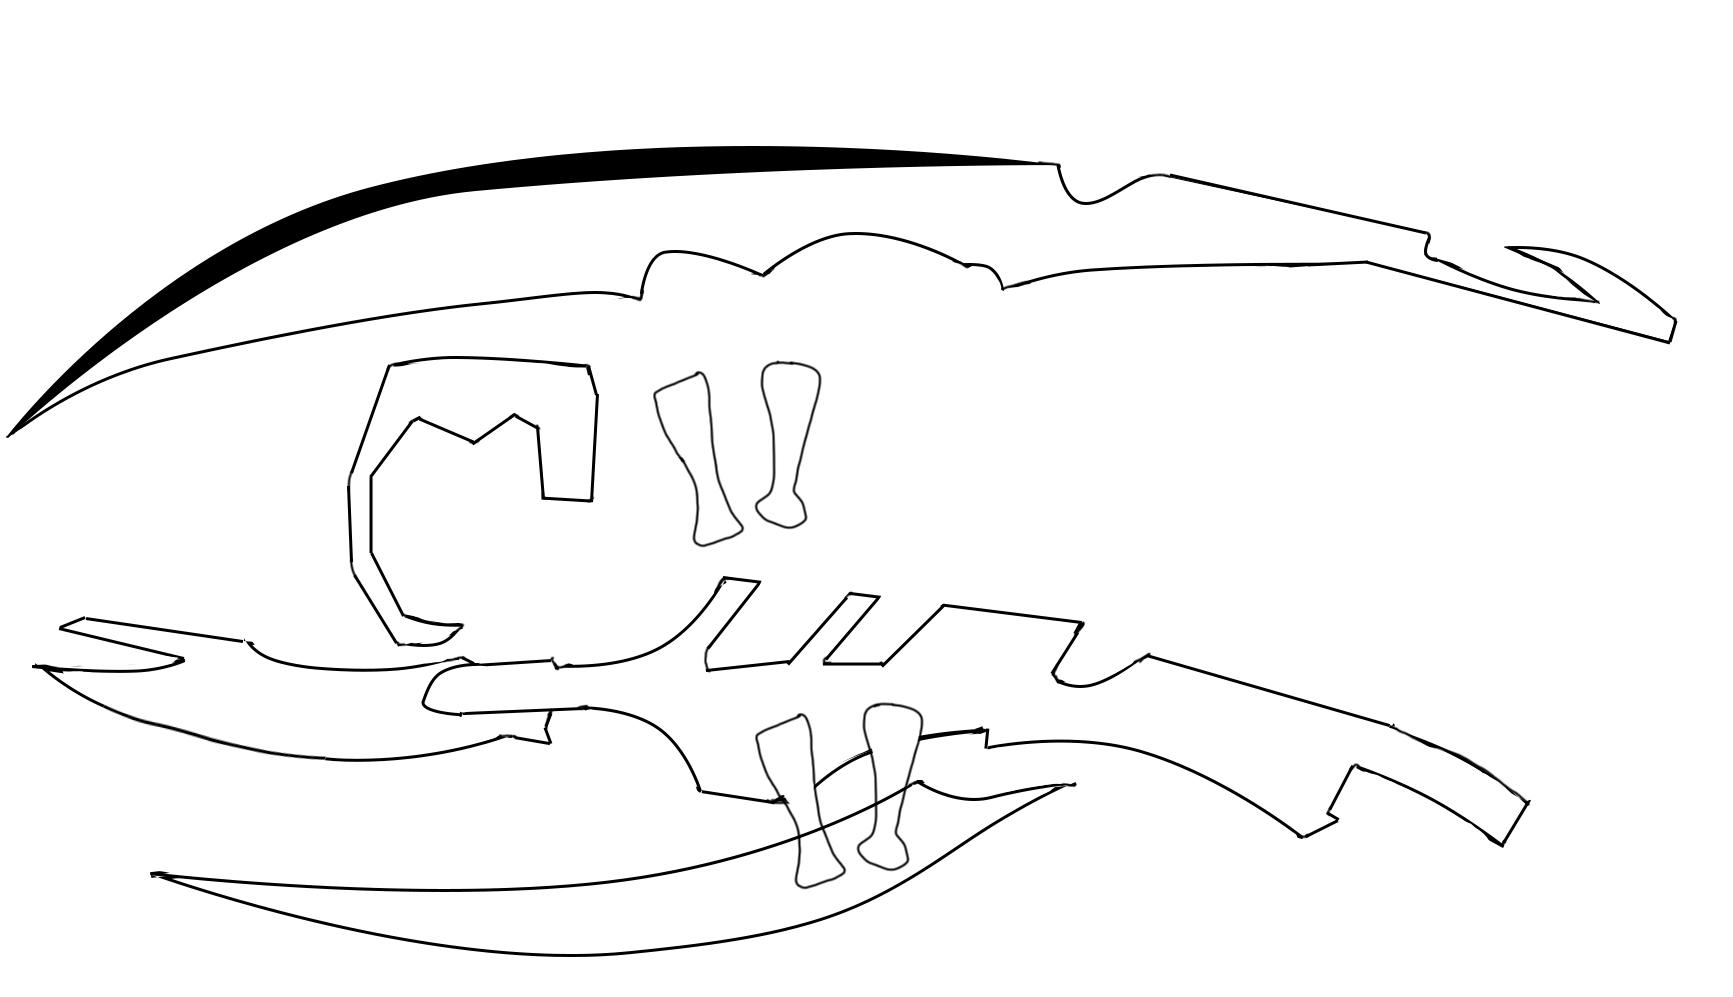 sceptre blade template